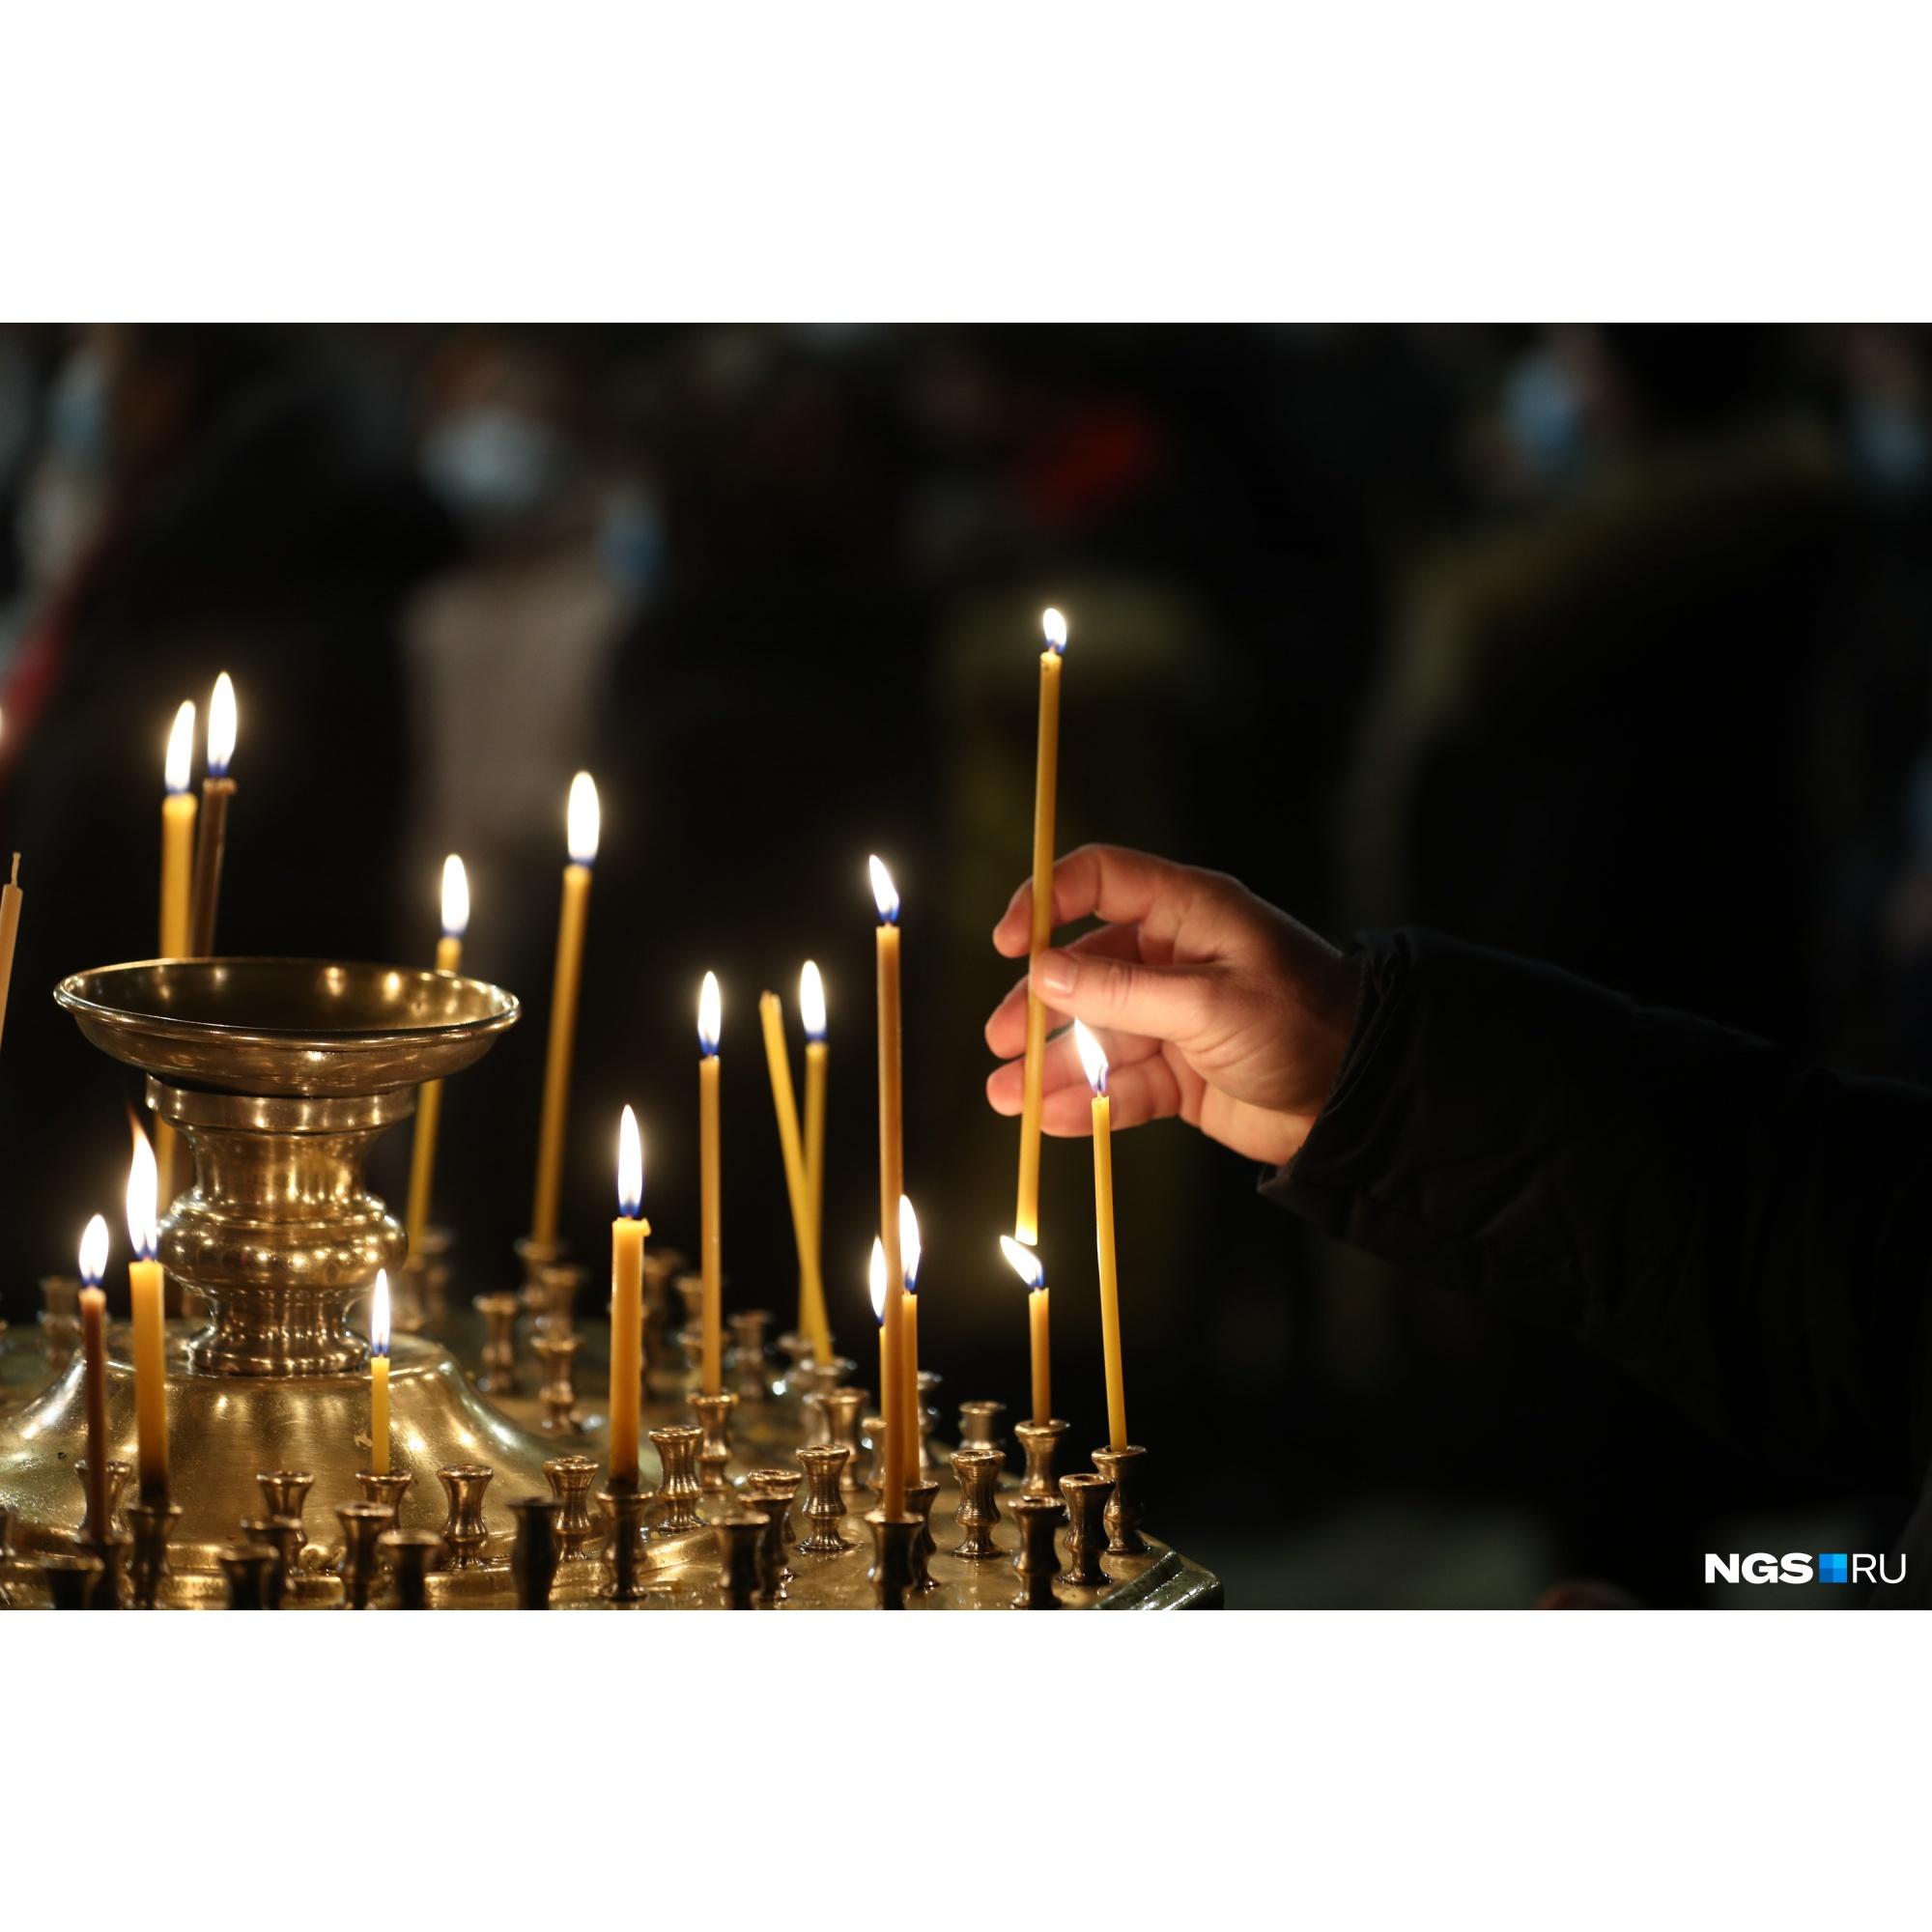 Священники говорят, что в церковь можно прийти в любой день, вне зависимости от праздников